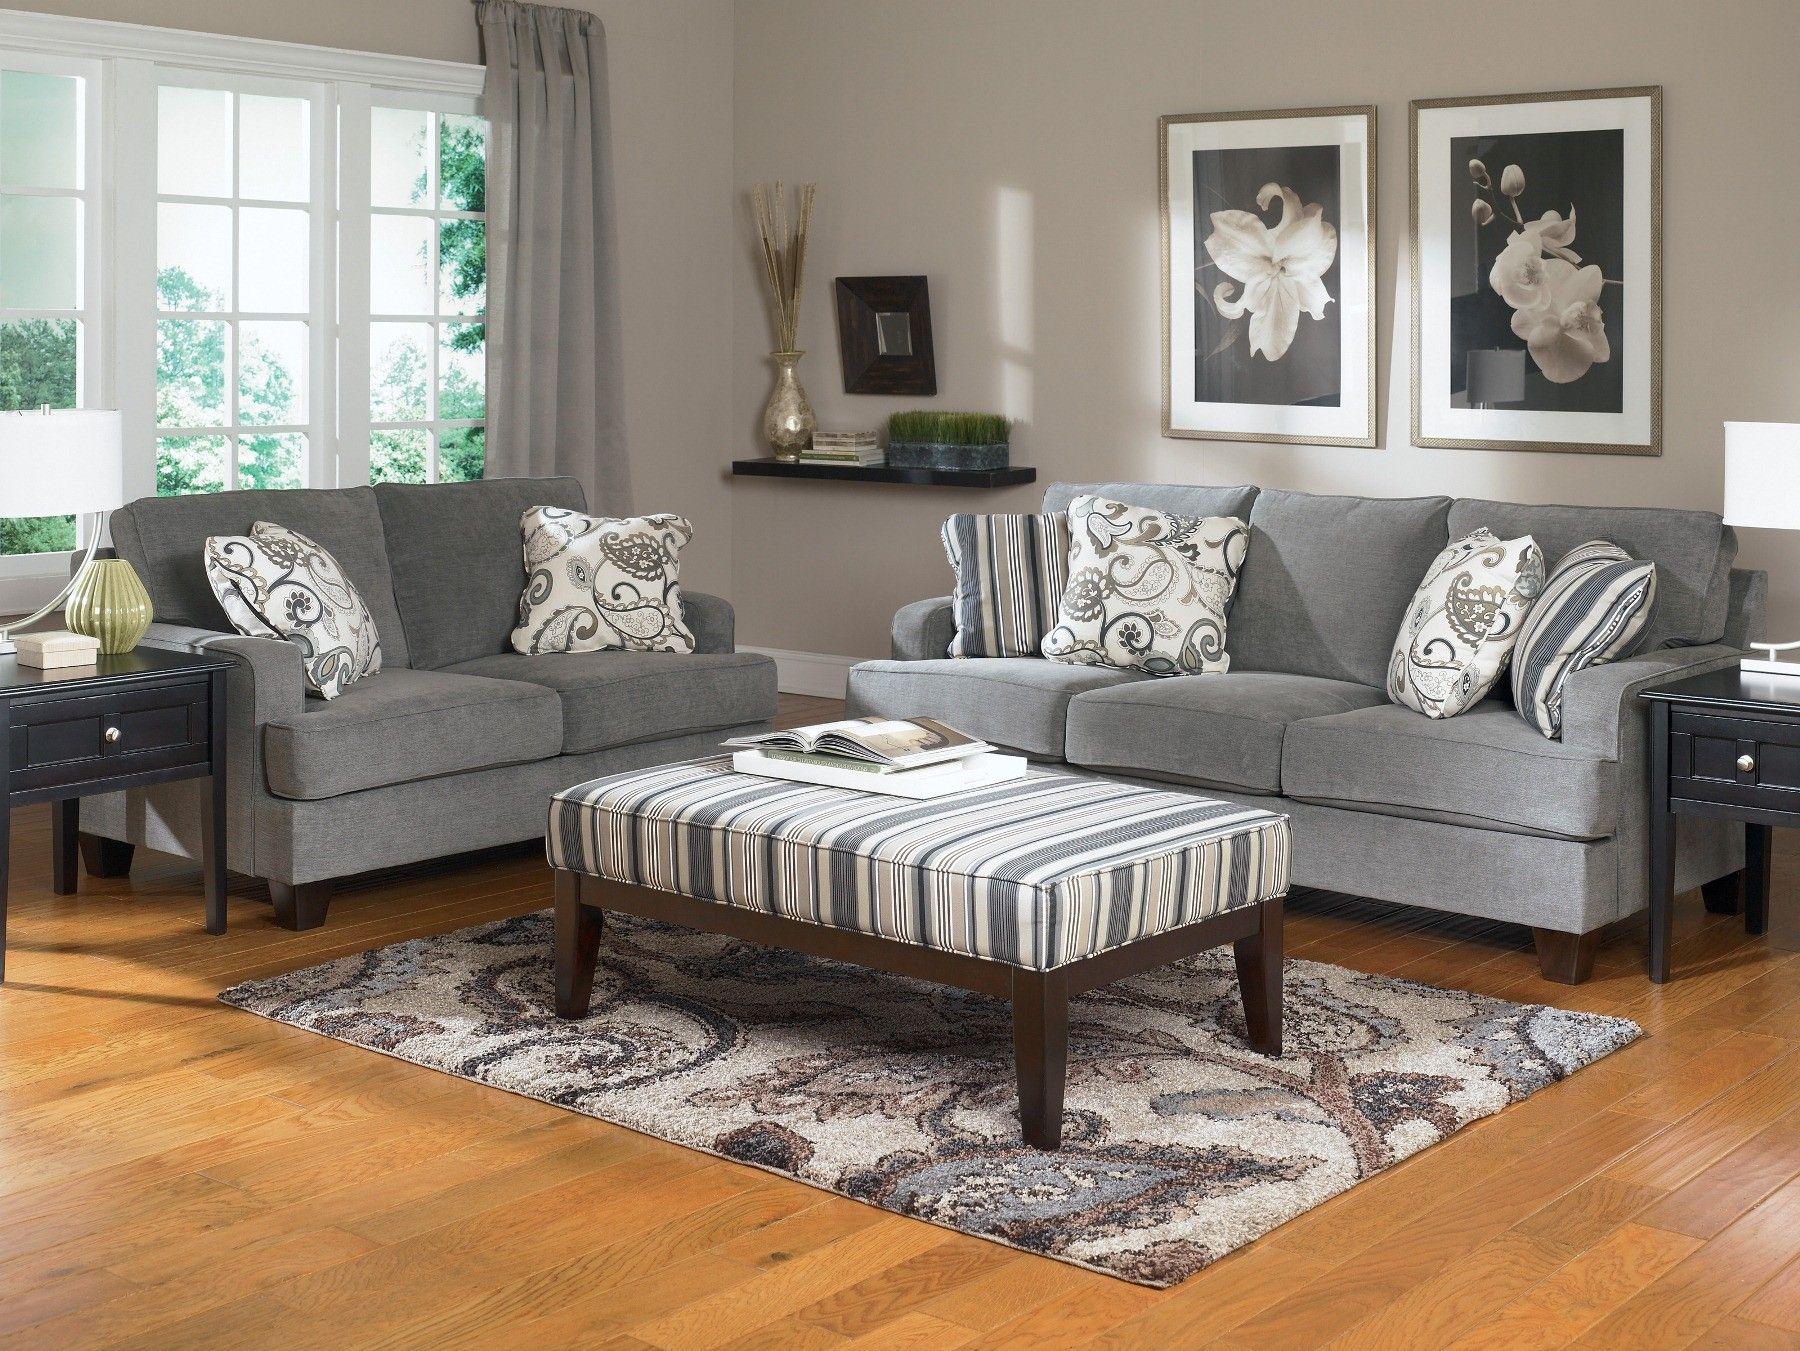 Yvette Steel Living Room Set Grey Furniture Living Room Ashley Furniture Living Room Living Room Grey